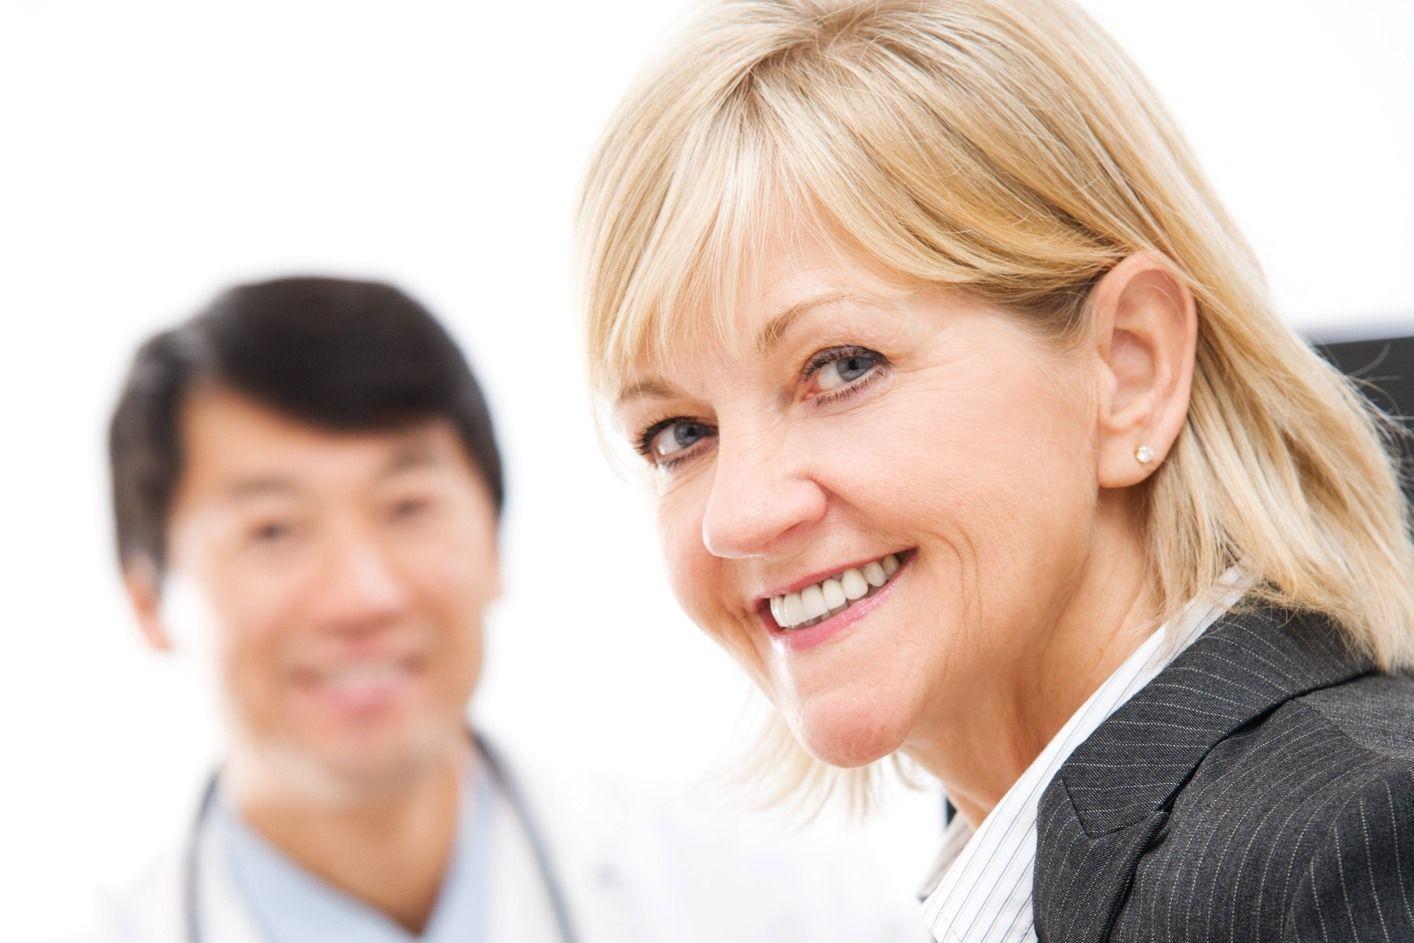 traitement substitutif hormonal et prise de poids